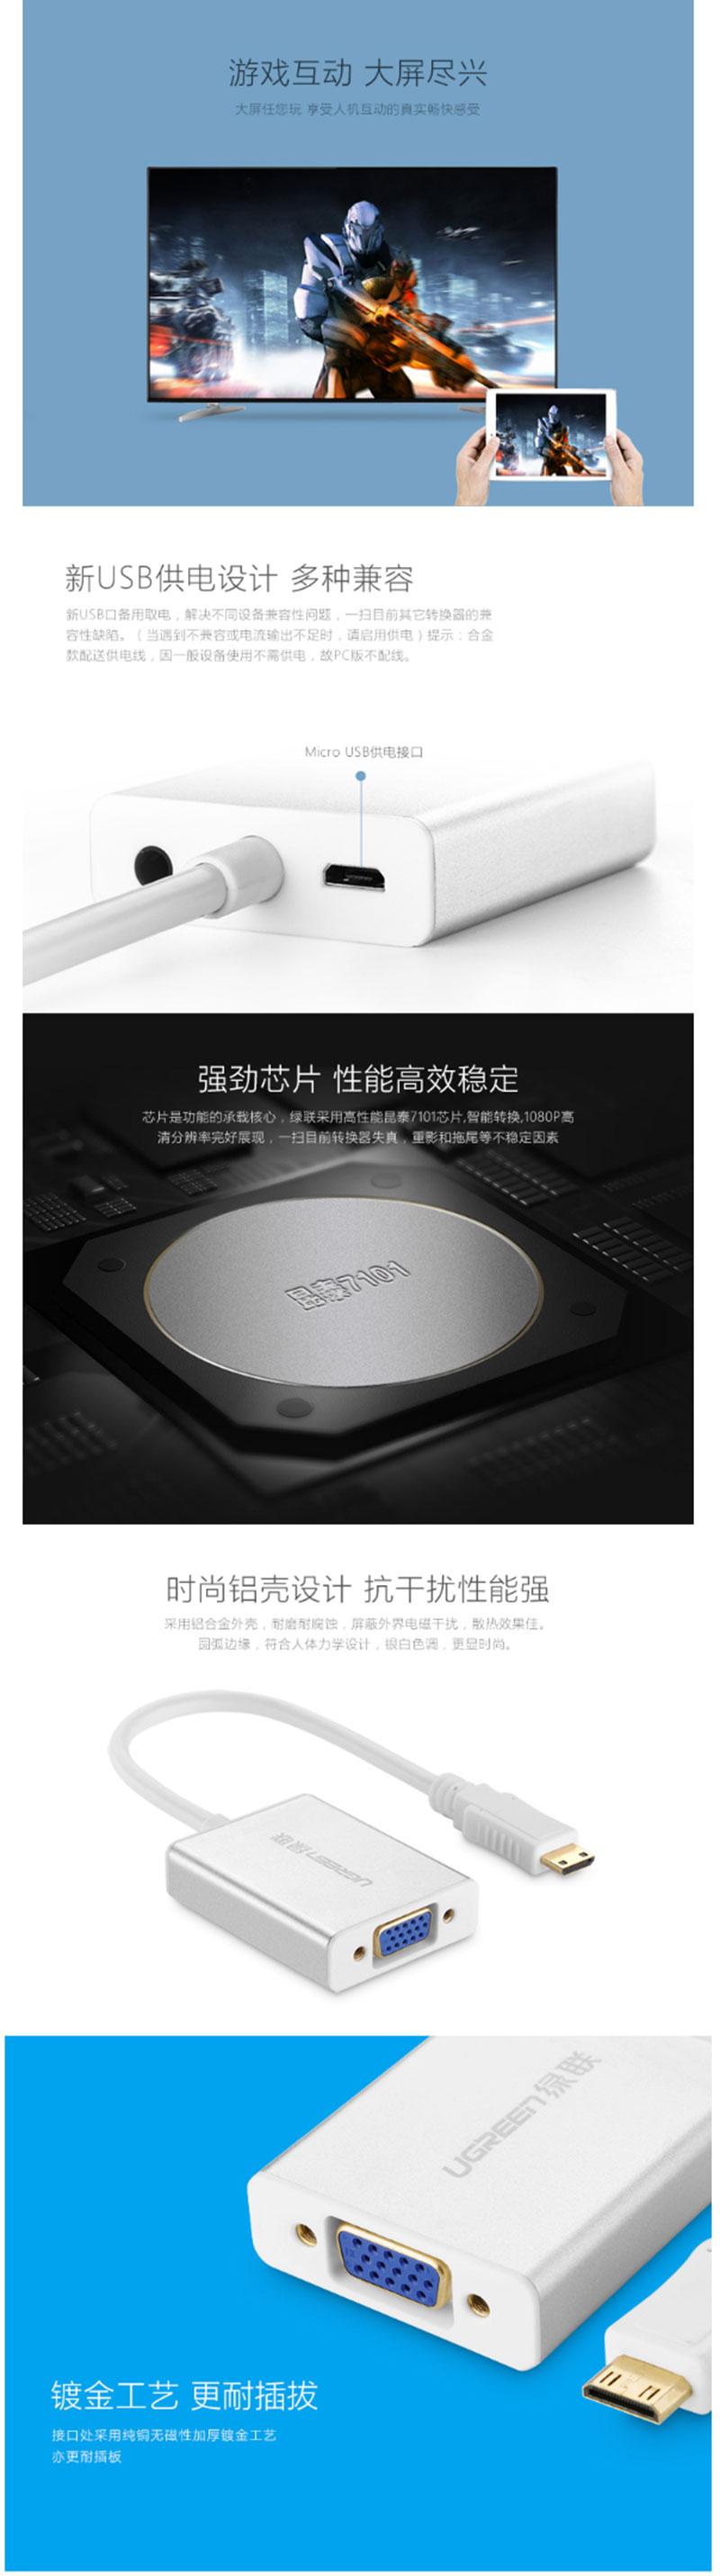 绿联40270 Mini HDMI转VGA